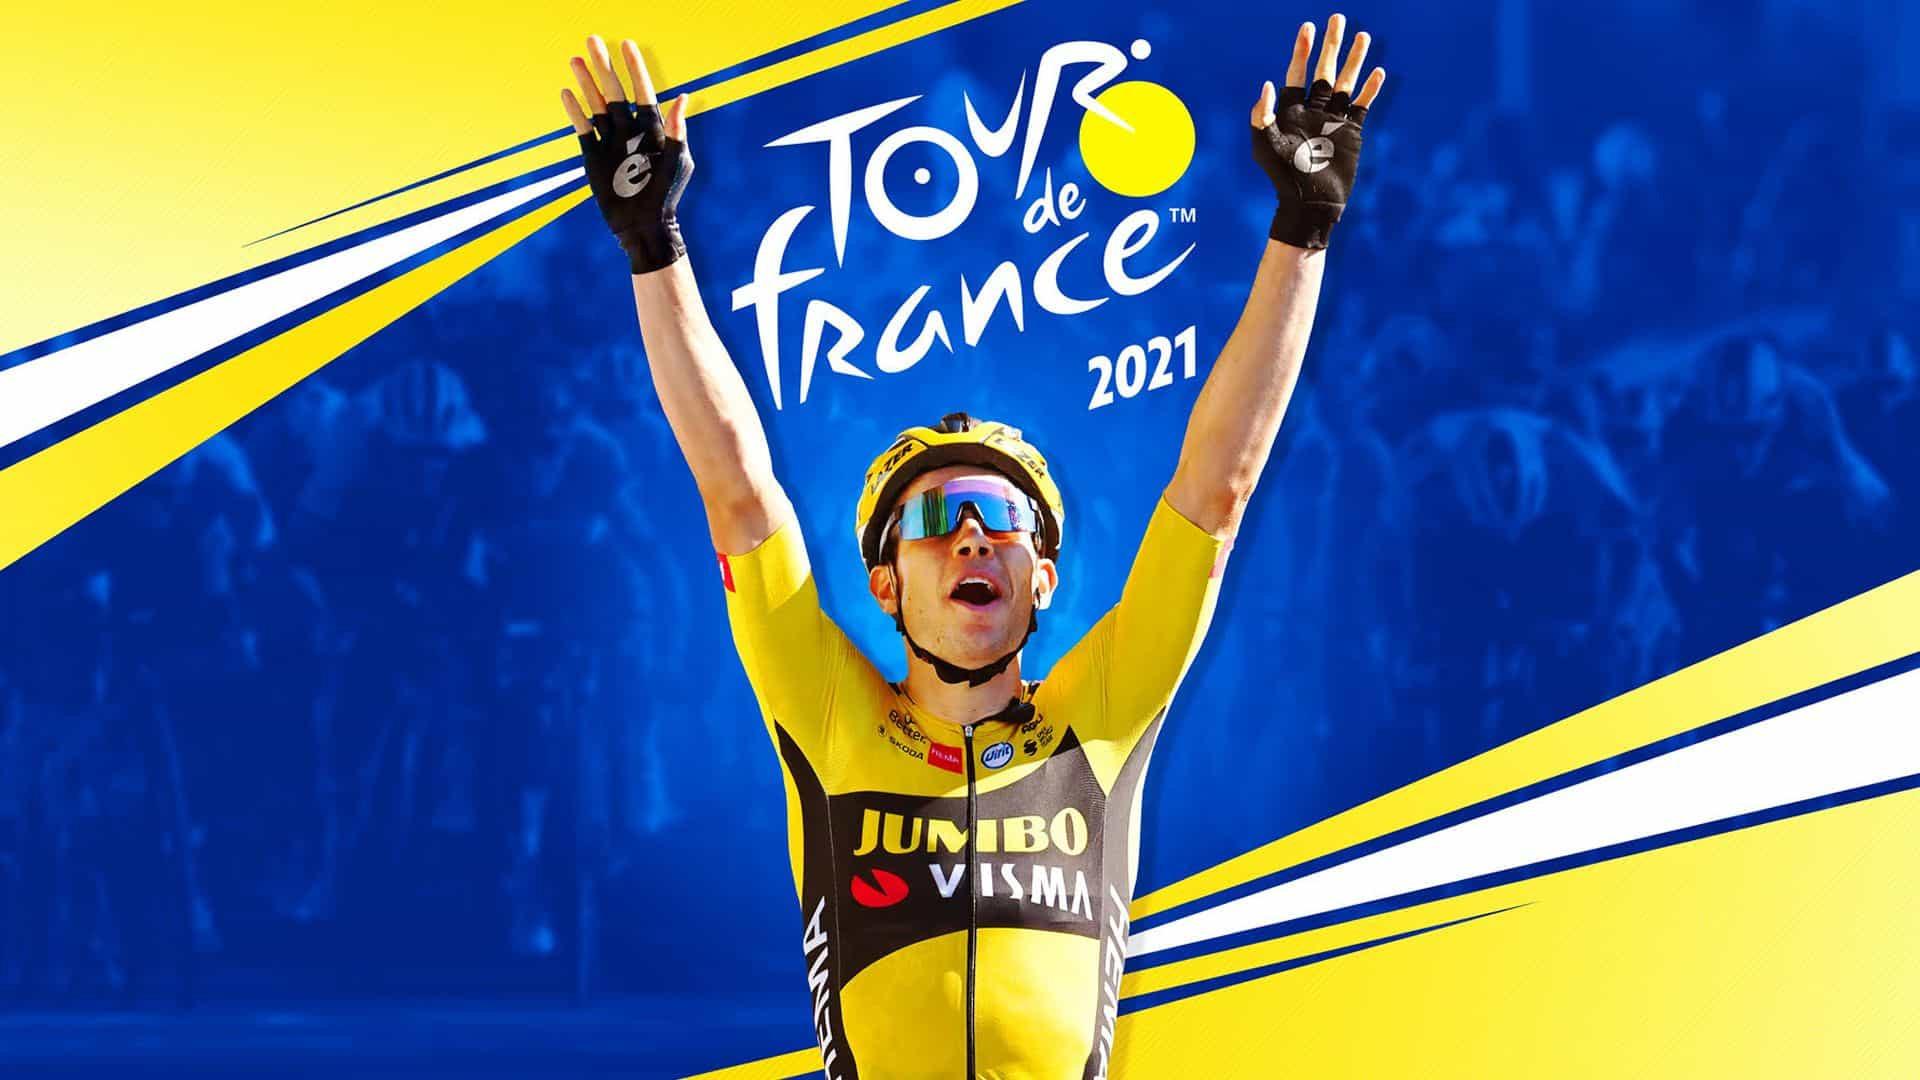 Xbox Series X & S Tour de France 2021